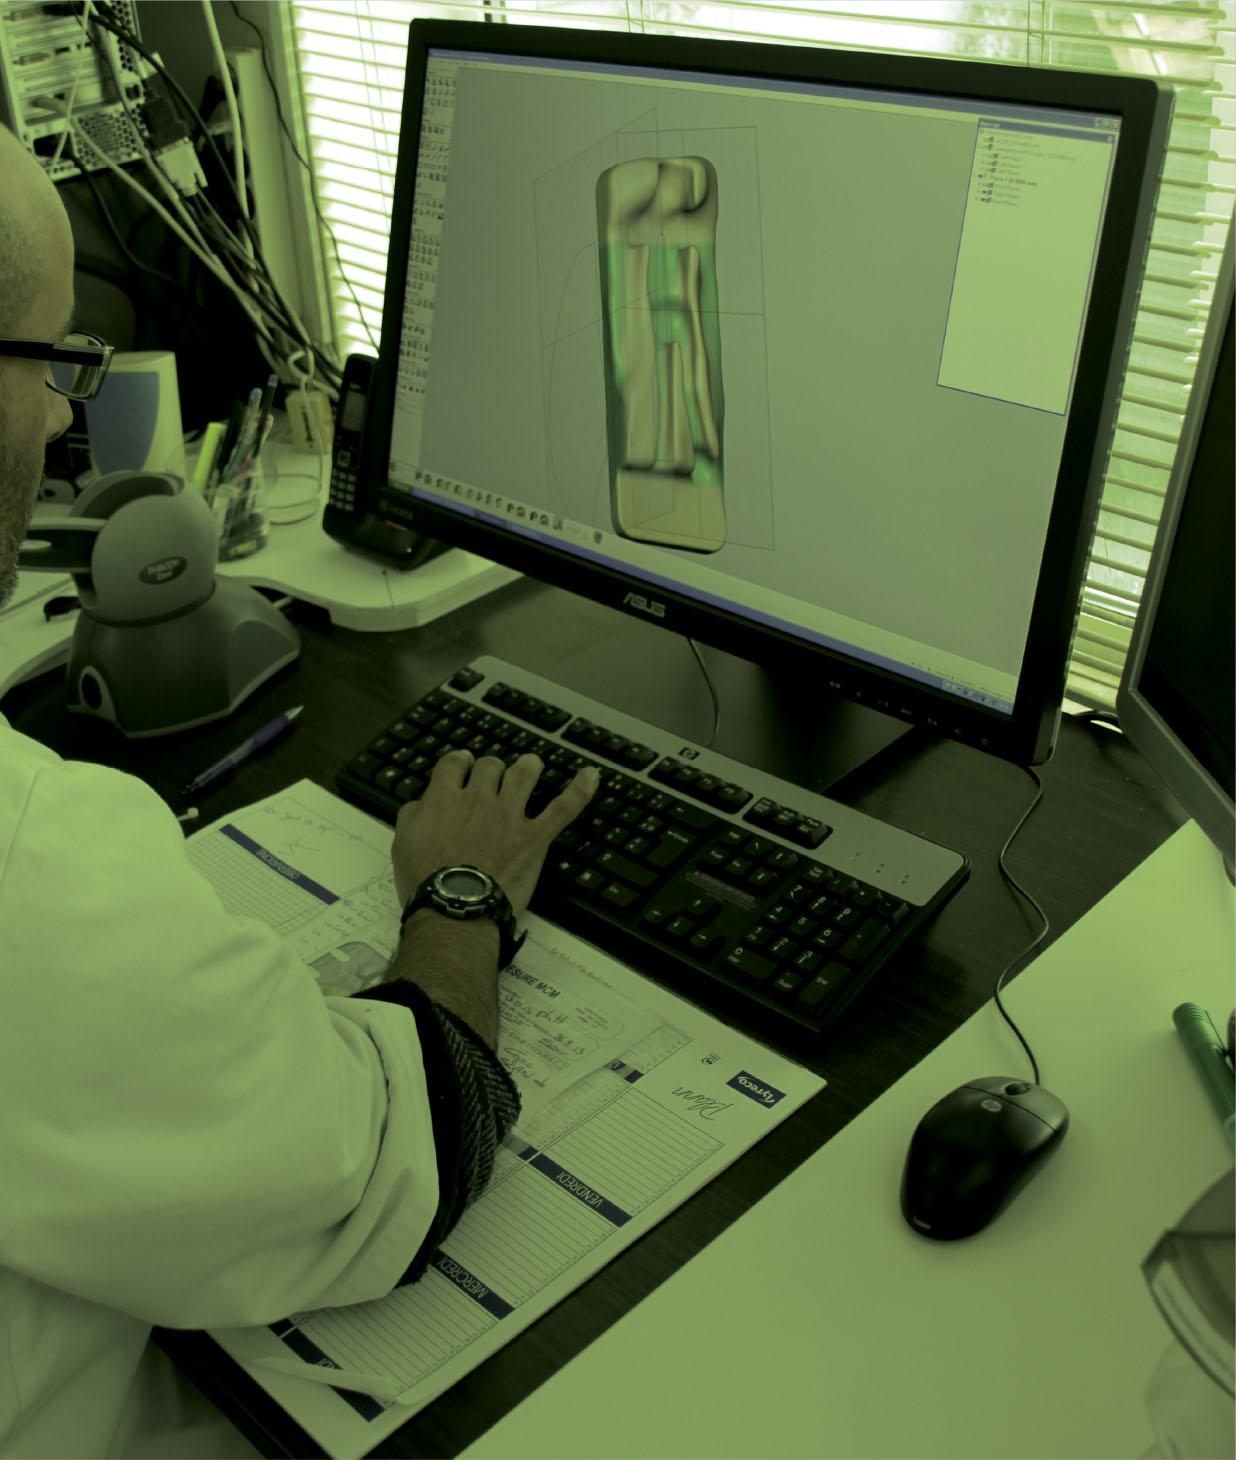 orthèse, modélisation 3D, haute technologie, logiciel spécialisé, sur mesure